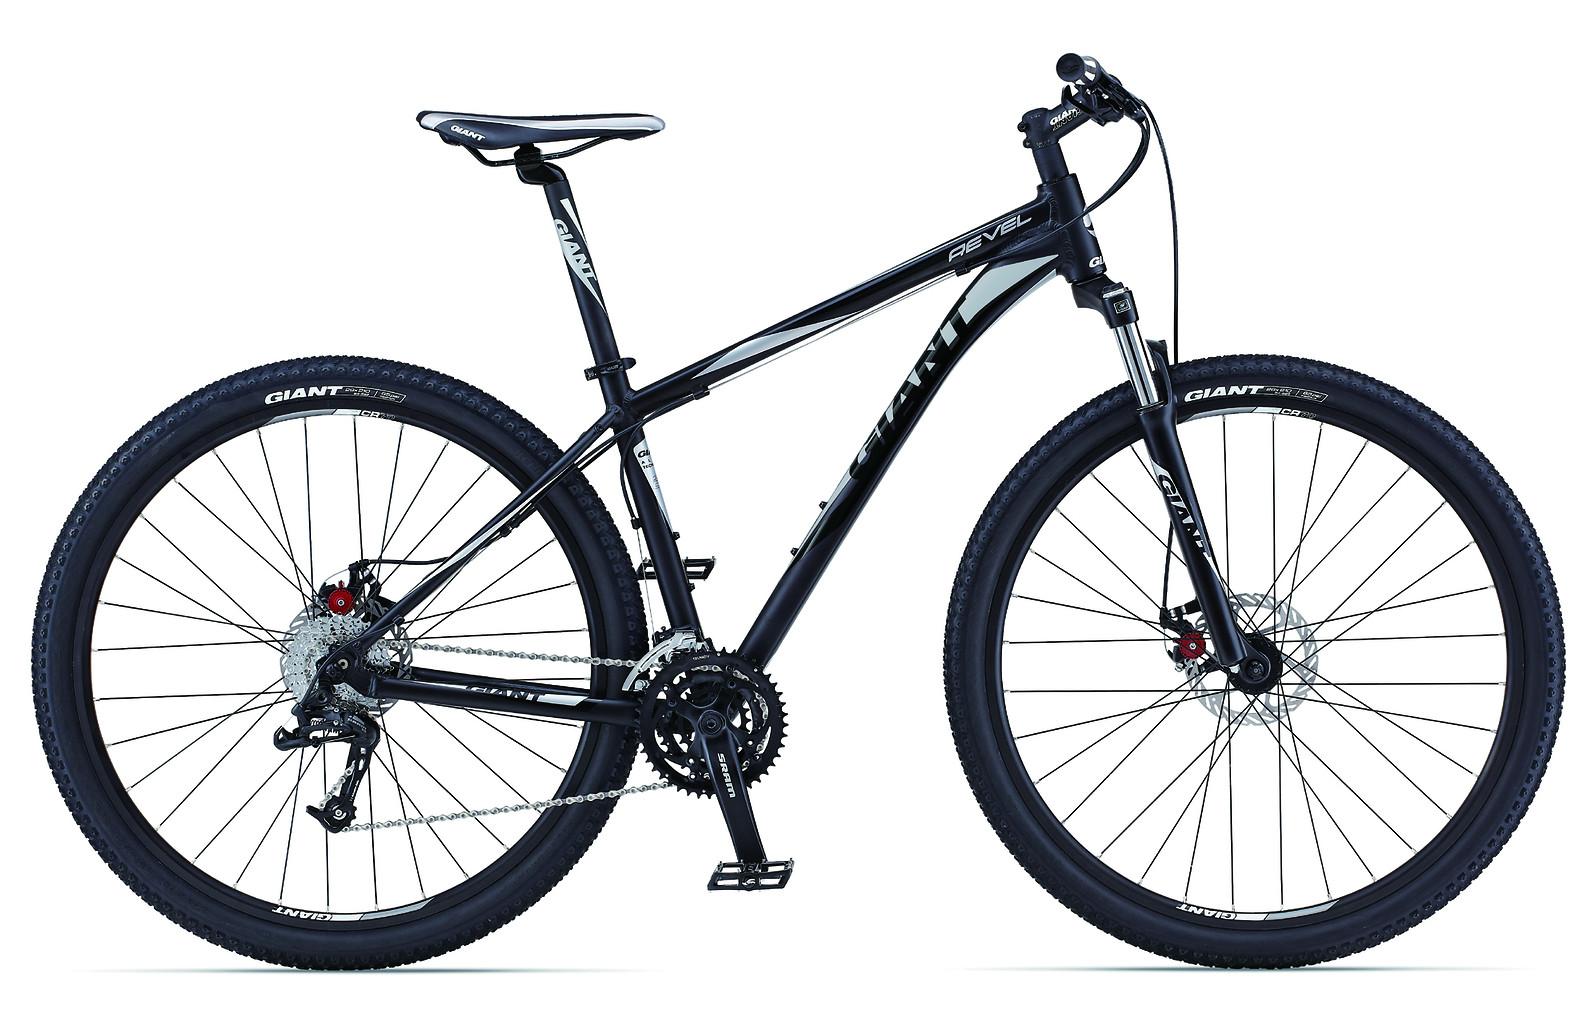 2014 Giant Revel 29er 0 Bike Harga: Rp. 4.800.000. - Serba